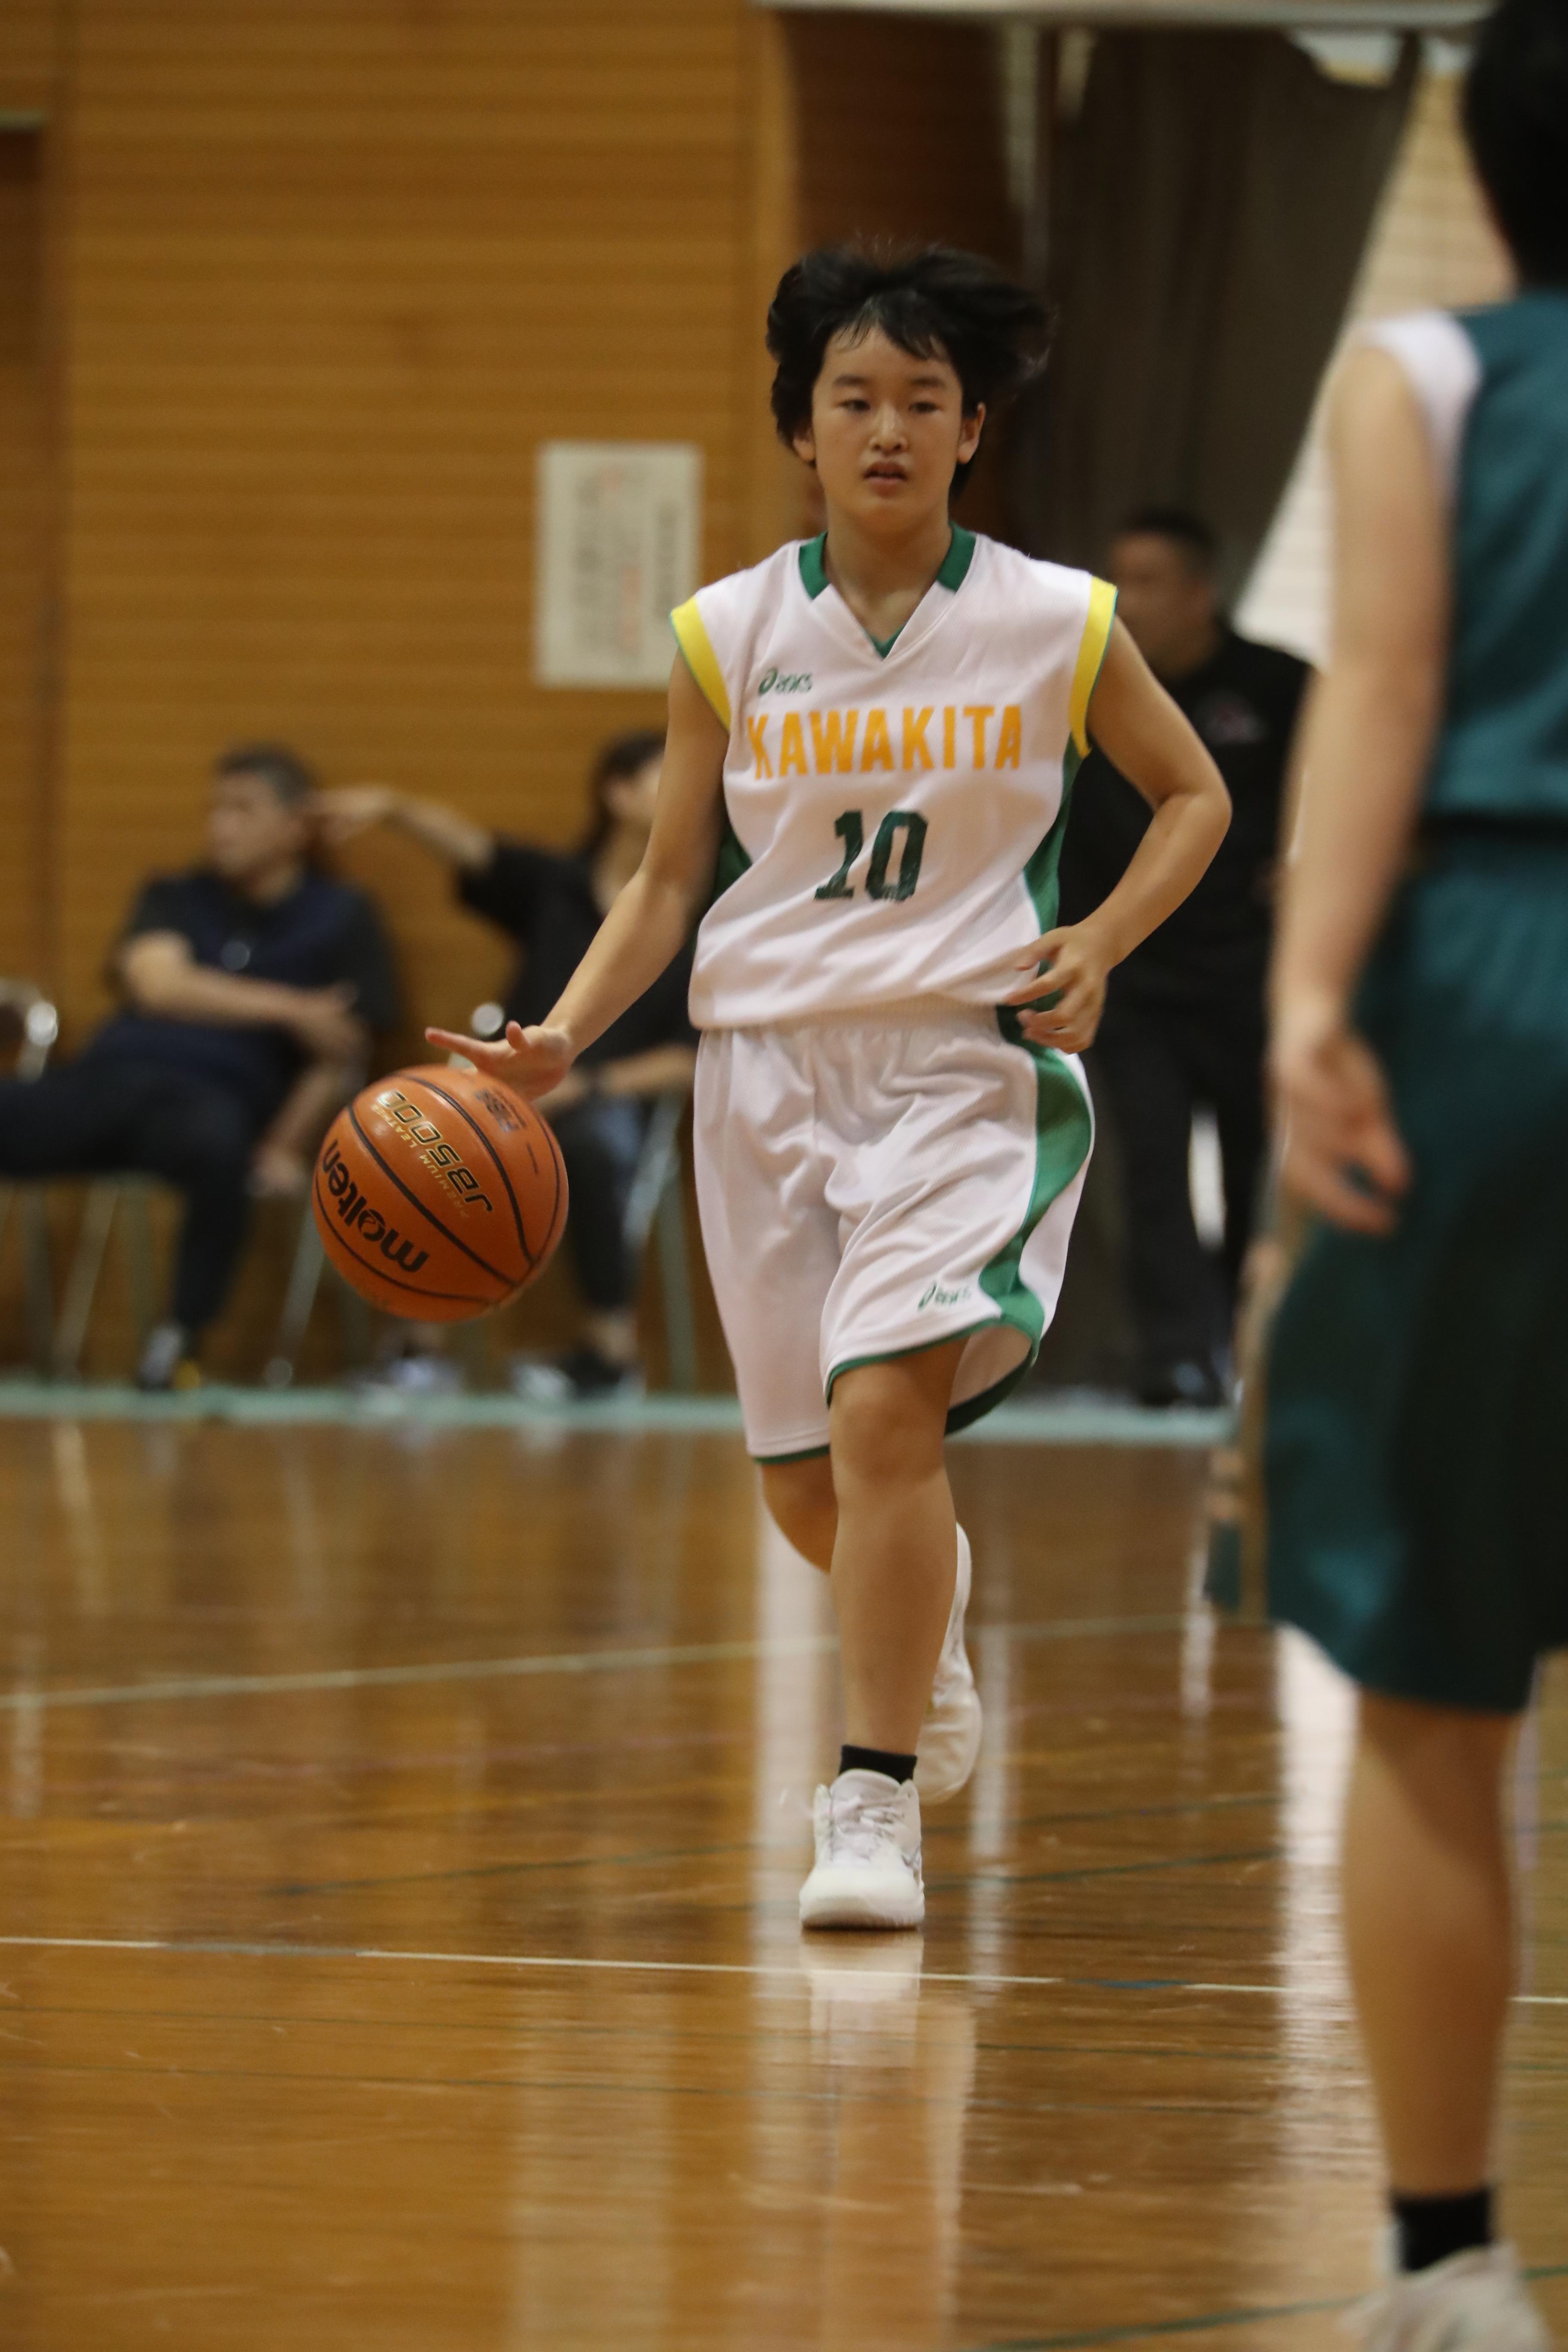 バスケット (149)